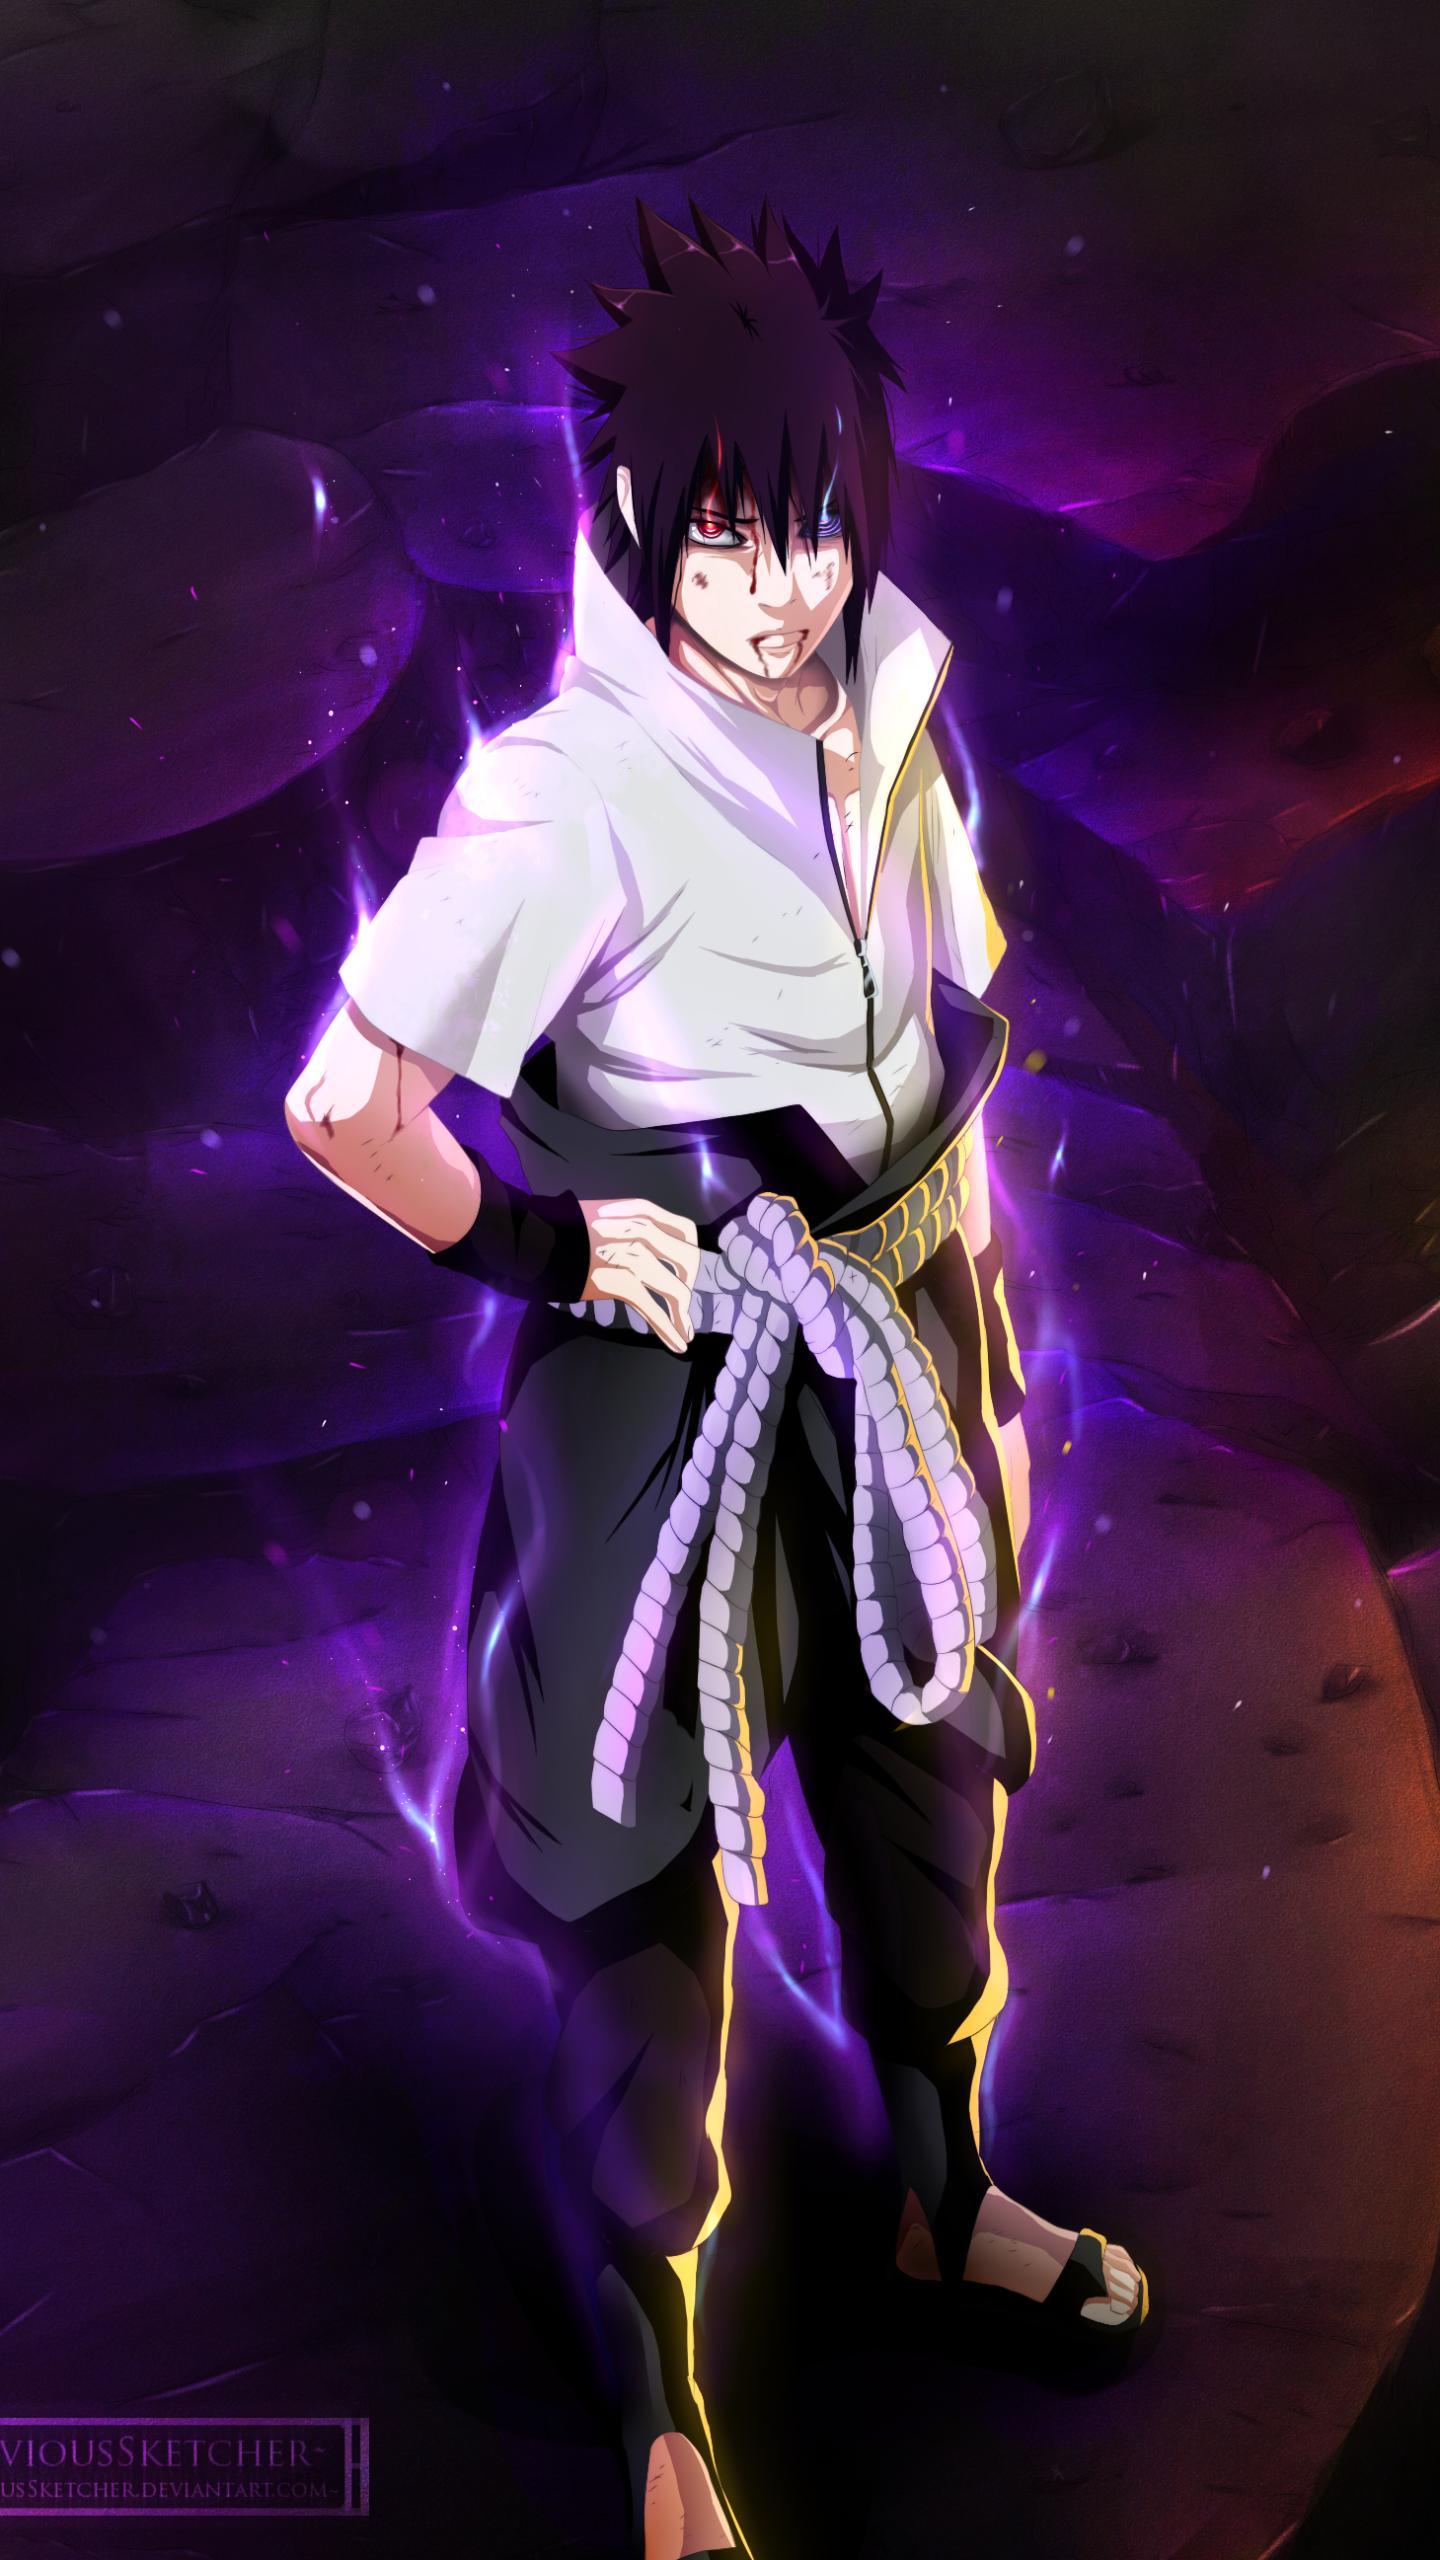 Anime Naruto Gambar Karakter Gambar Manga Wallpaper Anime